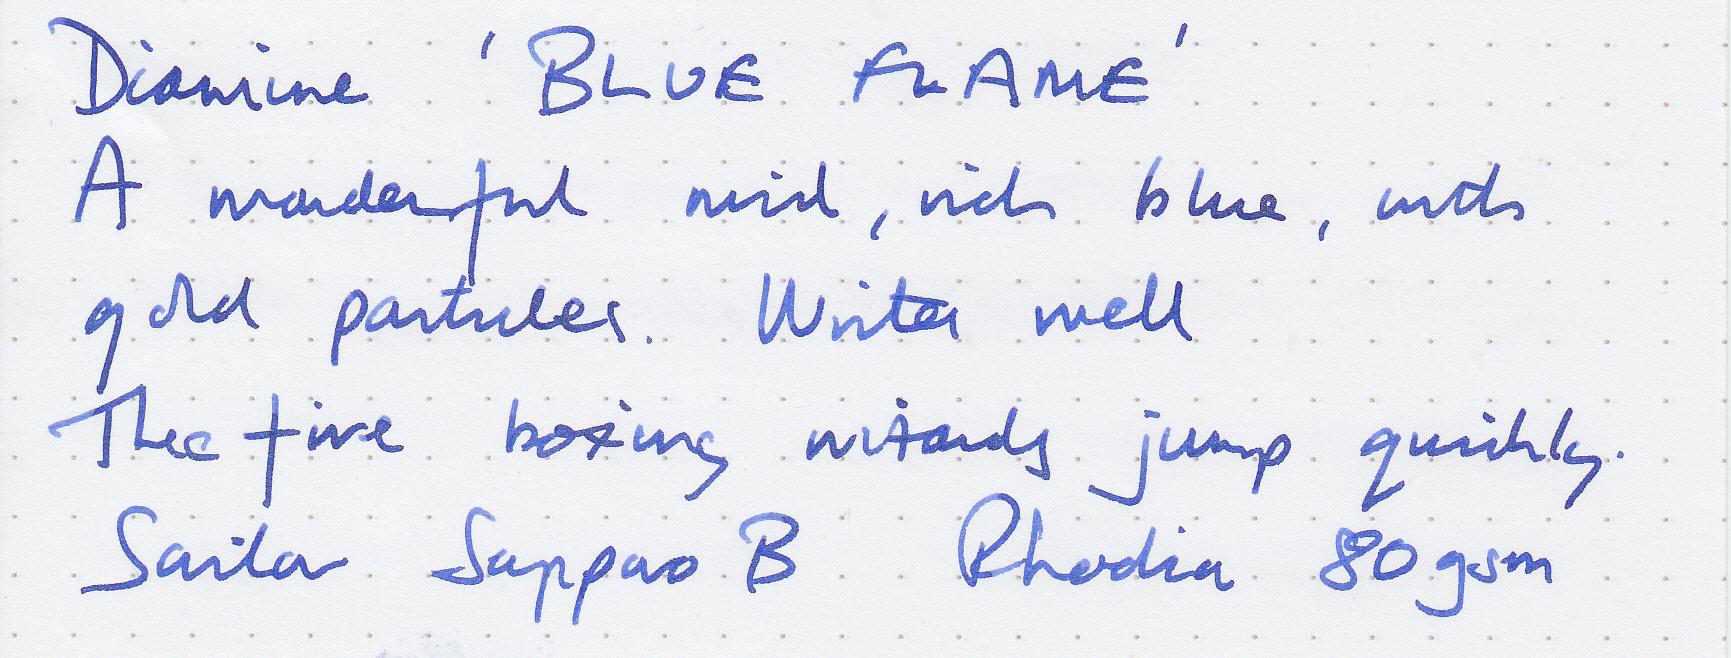 fpn_1475100374__blue_flame-shimmer_2_gol